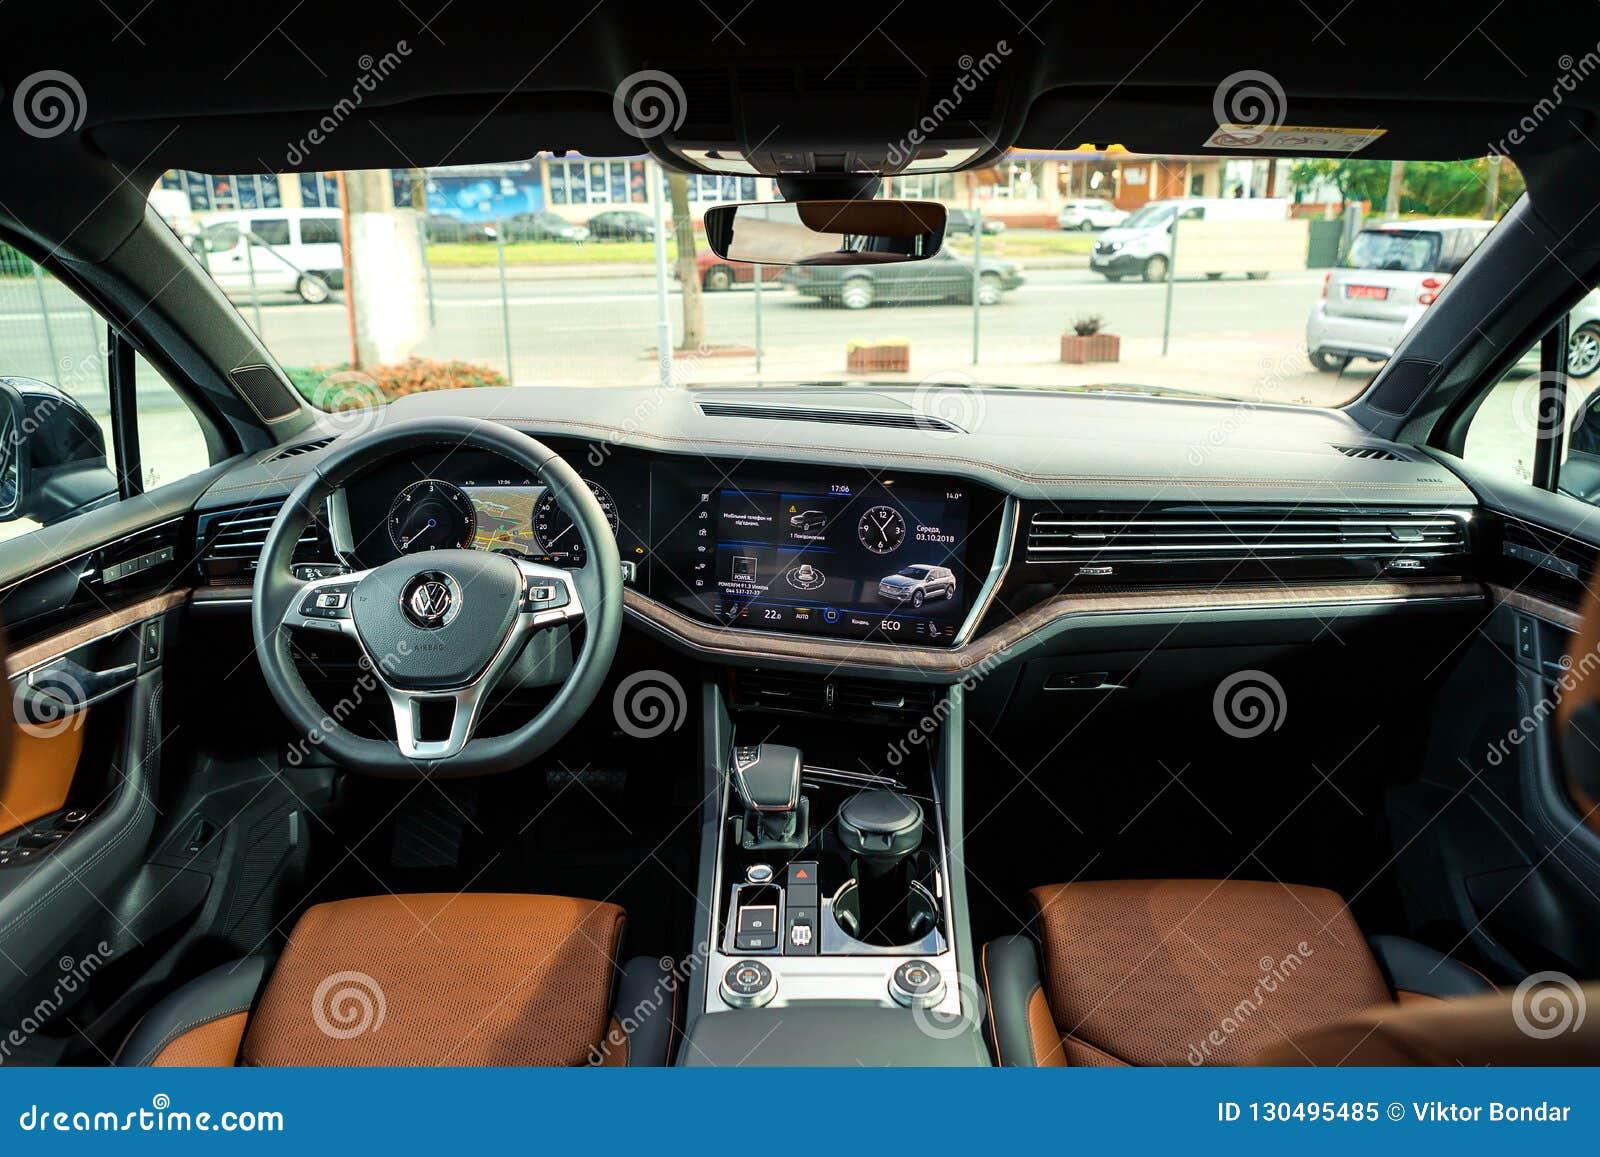 03 De Outubro De 2018 Vinnitsa Ucrania Volkswagen Touareg Novo Imagem Editorial Imagem De 2018 Outubro 130495485